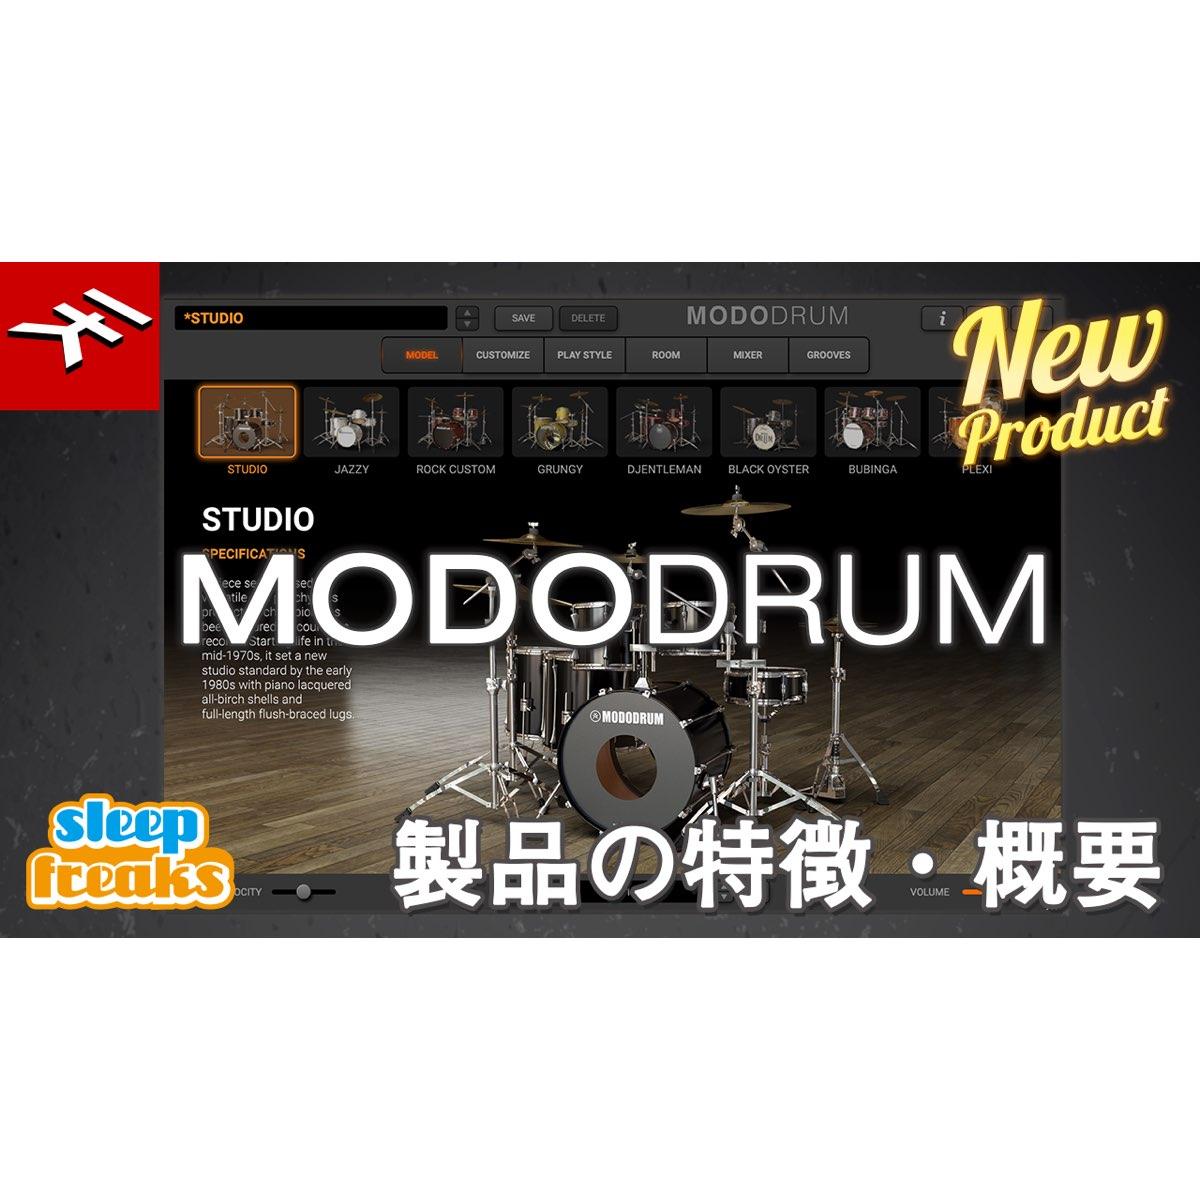 MODO DRUM(モド ドラム)の使い方 概要・特徴のまとめ